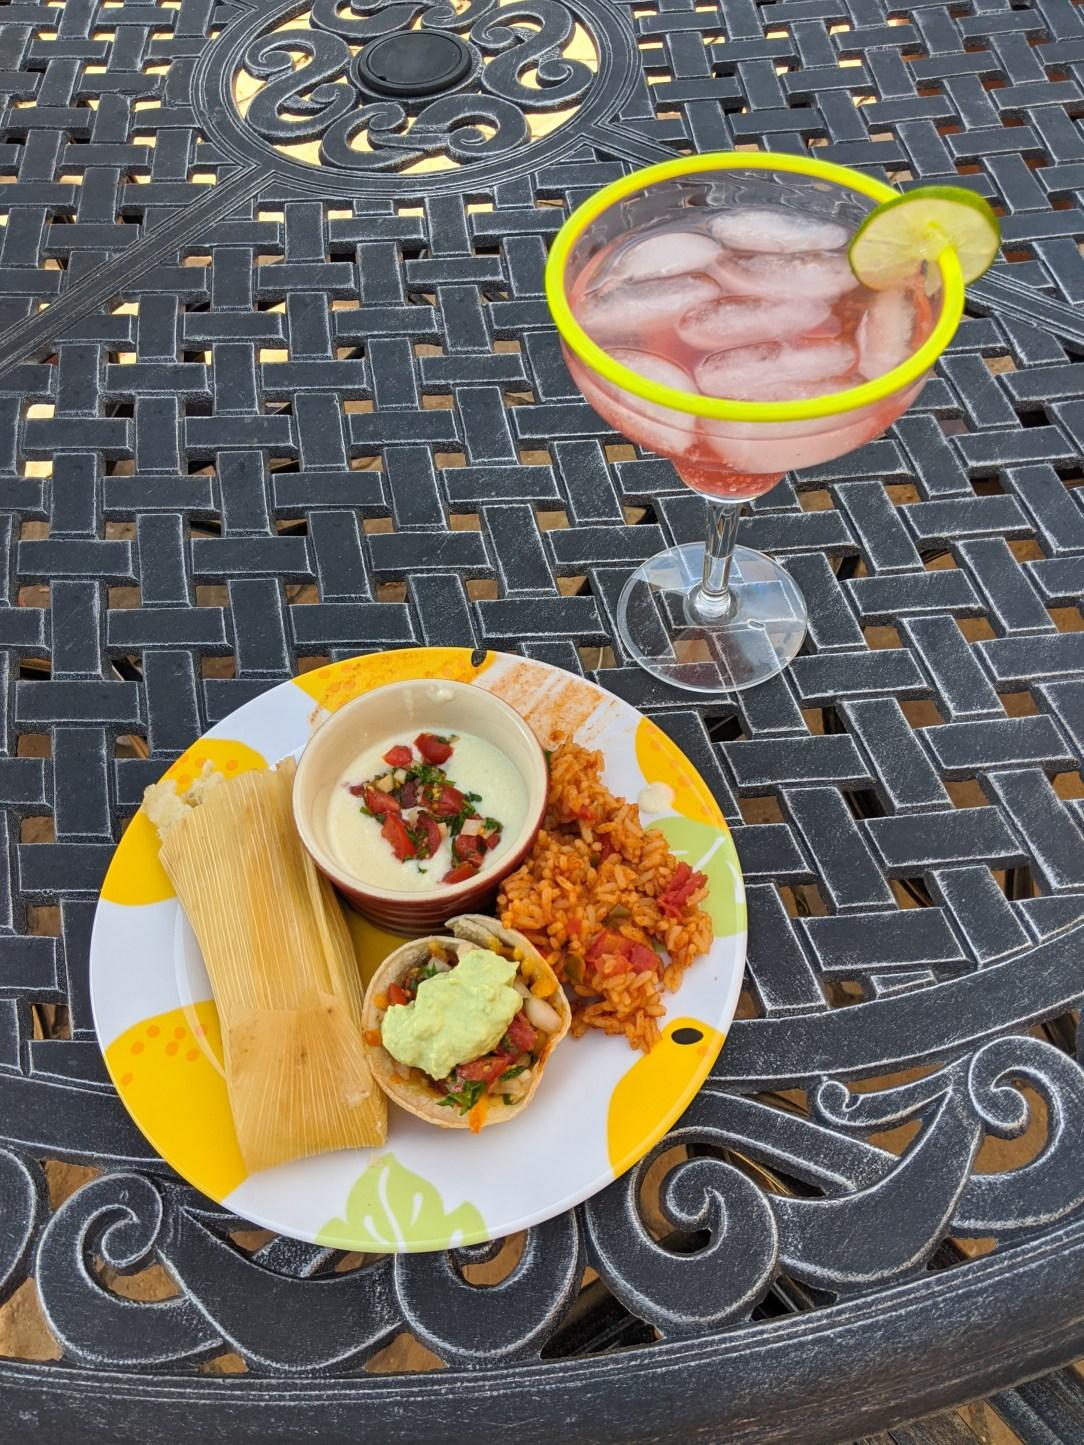 cinco-de-mayo-celebration-fiesta-mexican-food